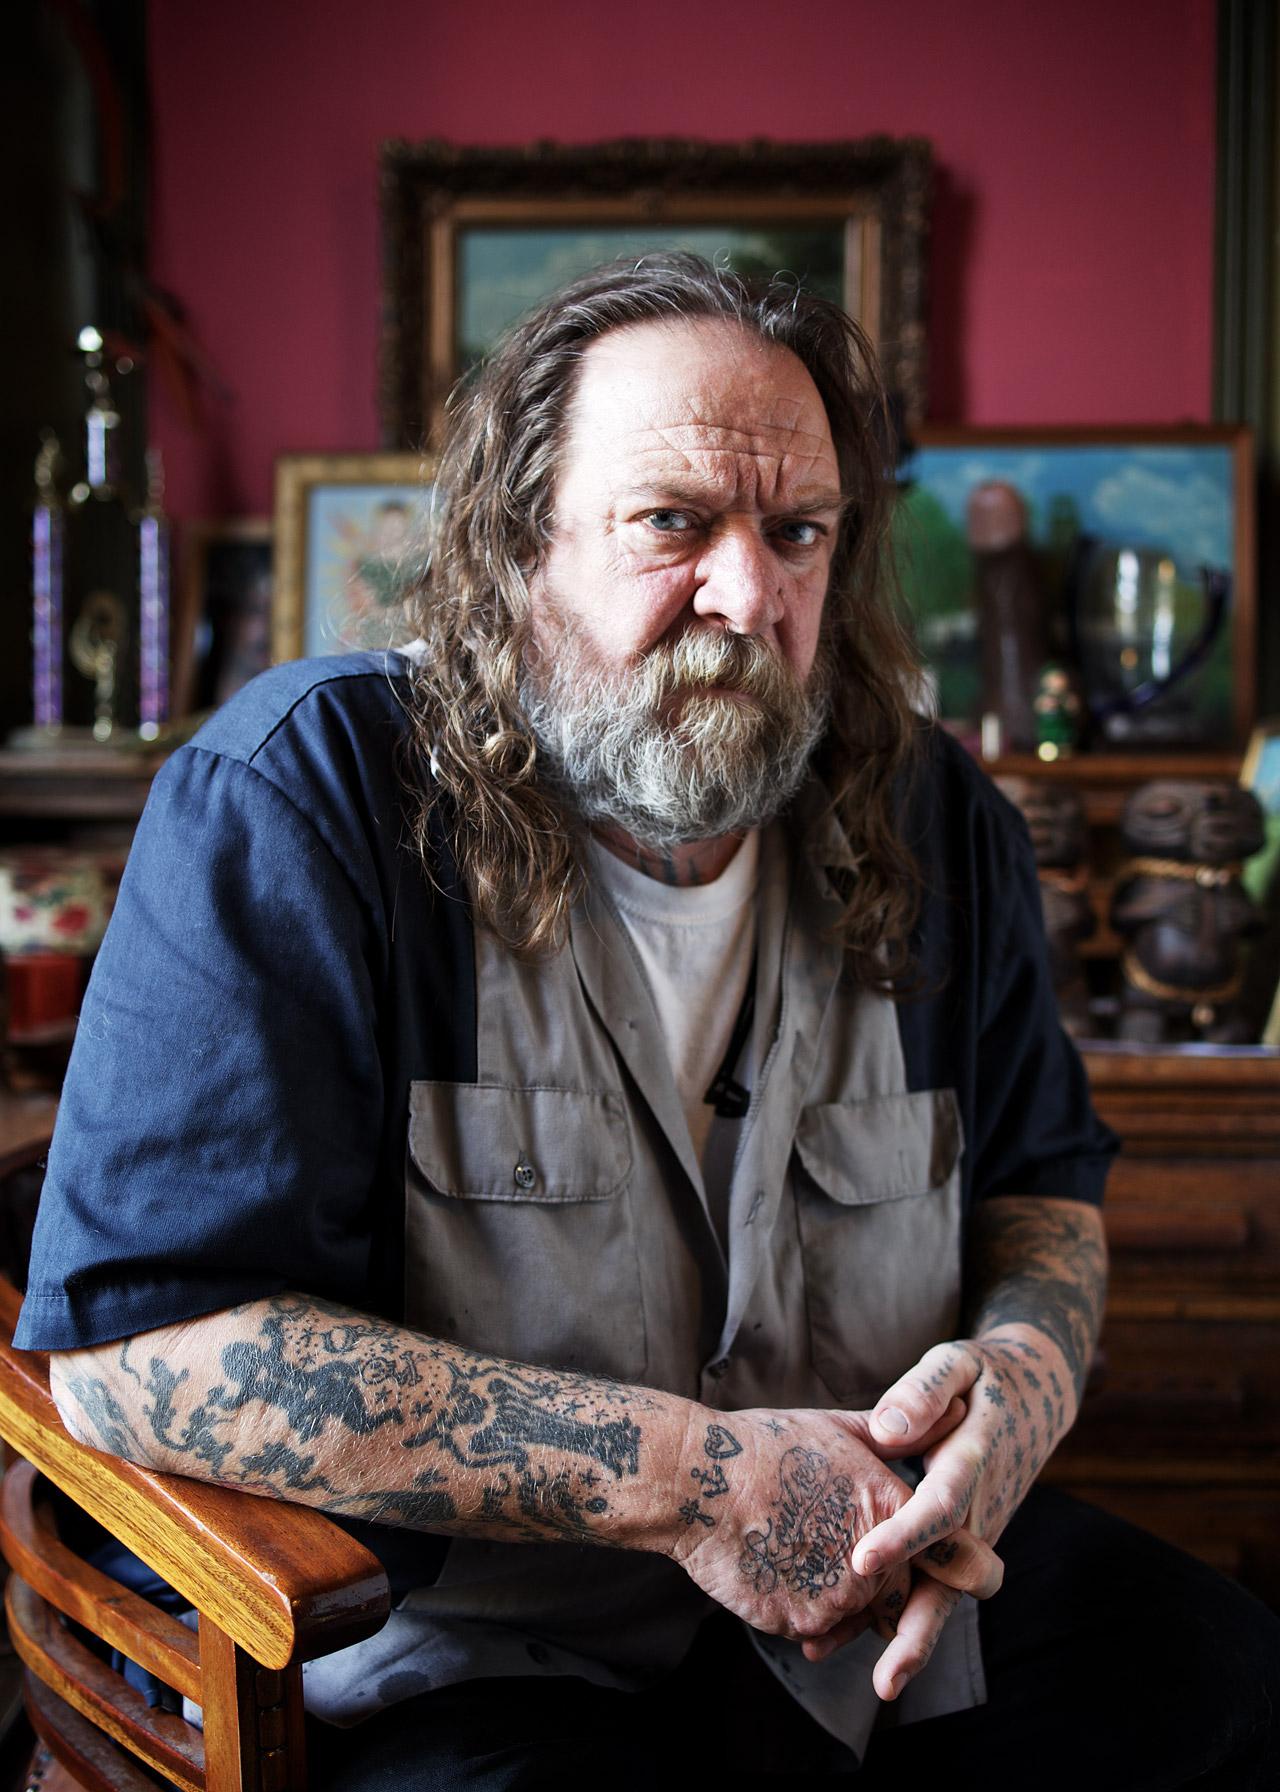 Henk Schiffmacher, tattoo artist, Amsterdam